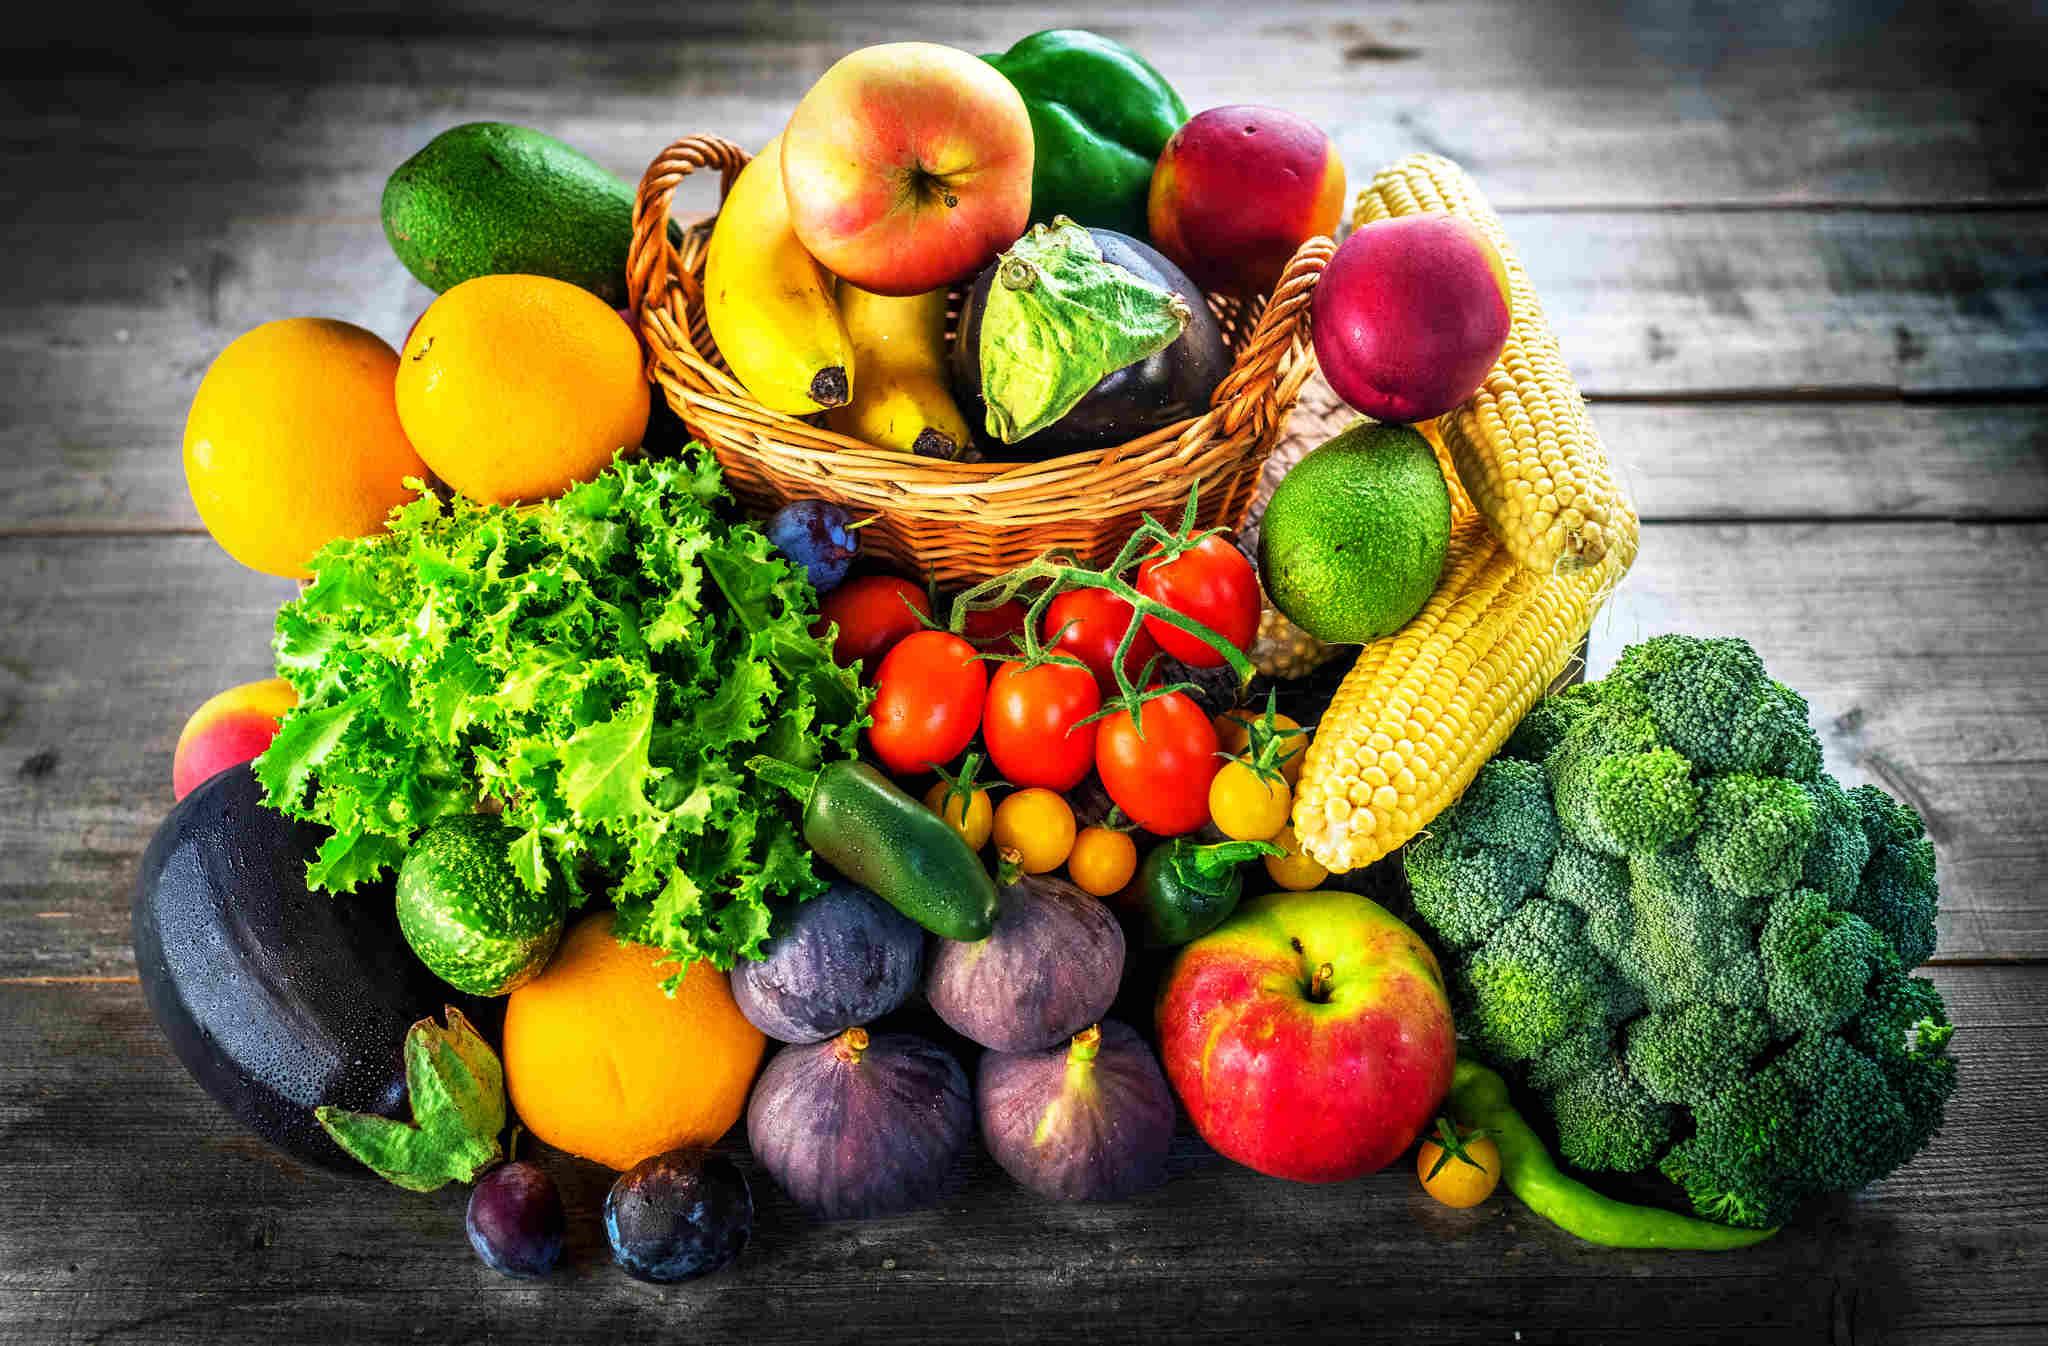 taze sebze ve meyveler, ramazan diyeti nasıl yapılır